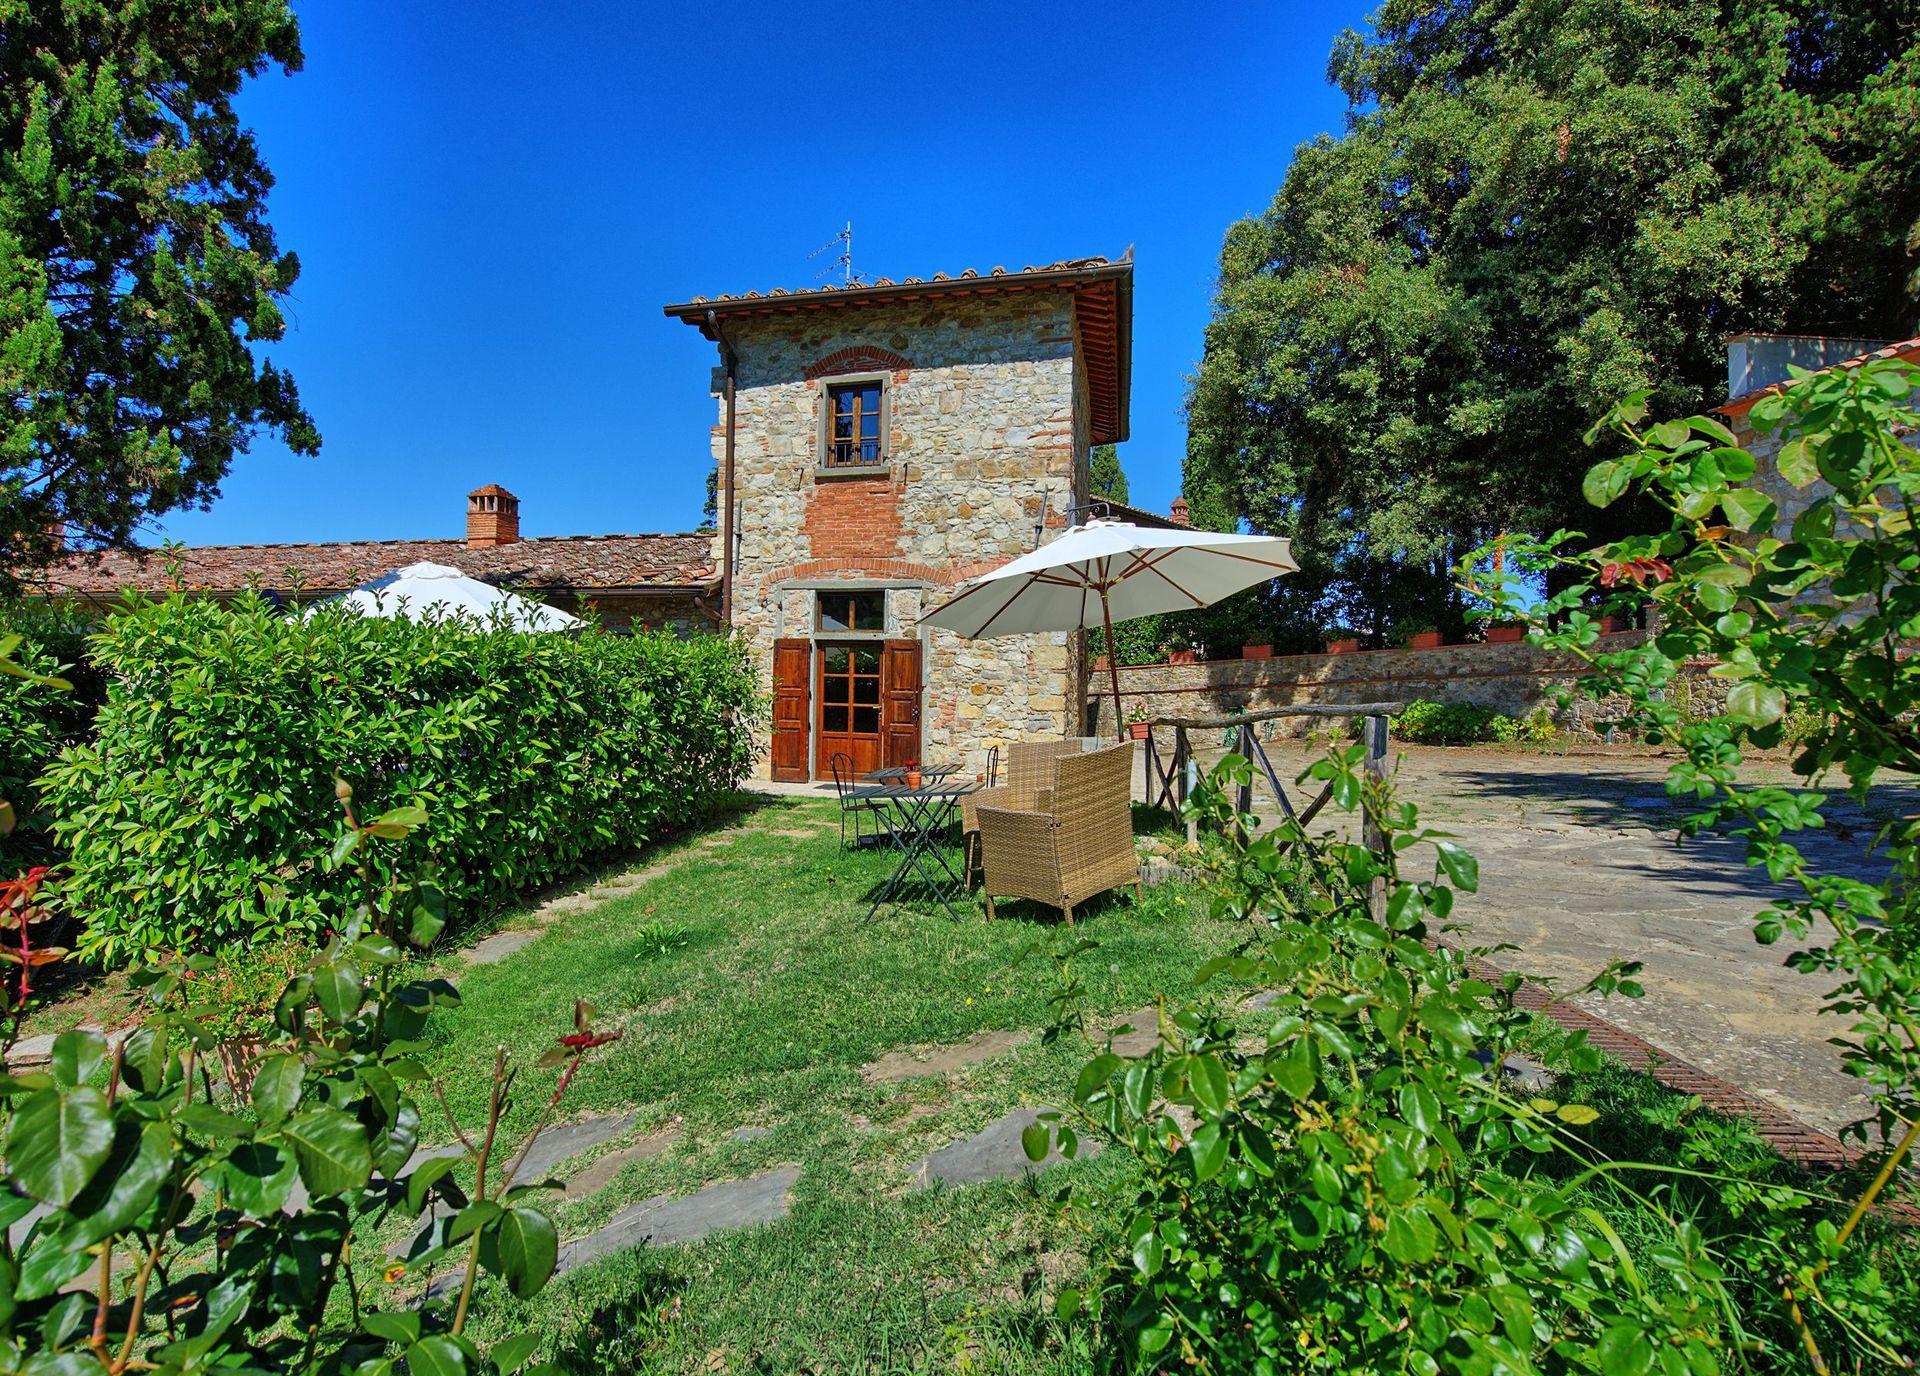 Chiantigiana 1 posti letto 4 in 1 camere casa vacanza for Branson cabin rentals 4 camere da letto